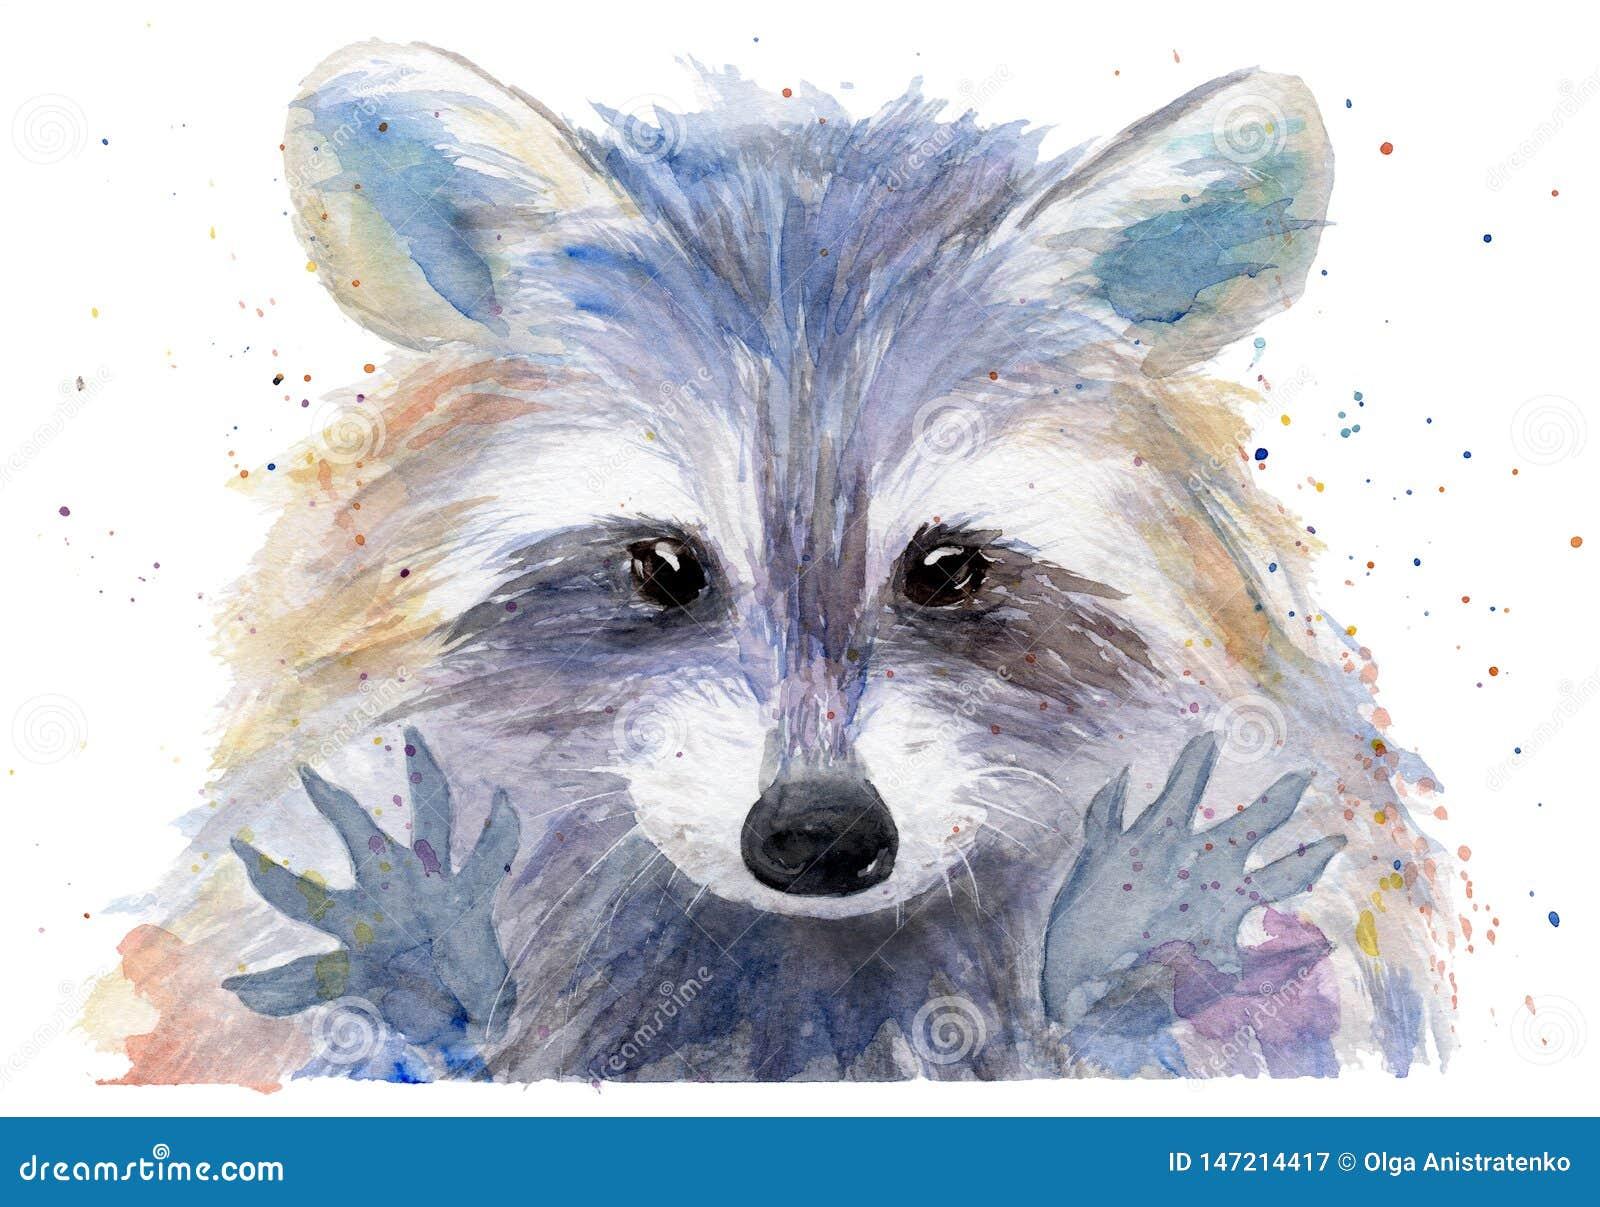 Desenho Da Aquarela De Um Animal Guaxinim Colorido Ilustracao